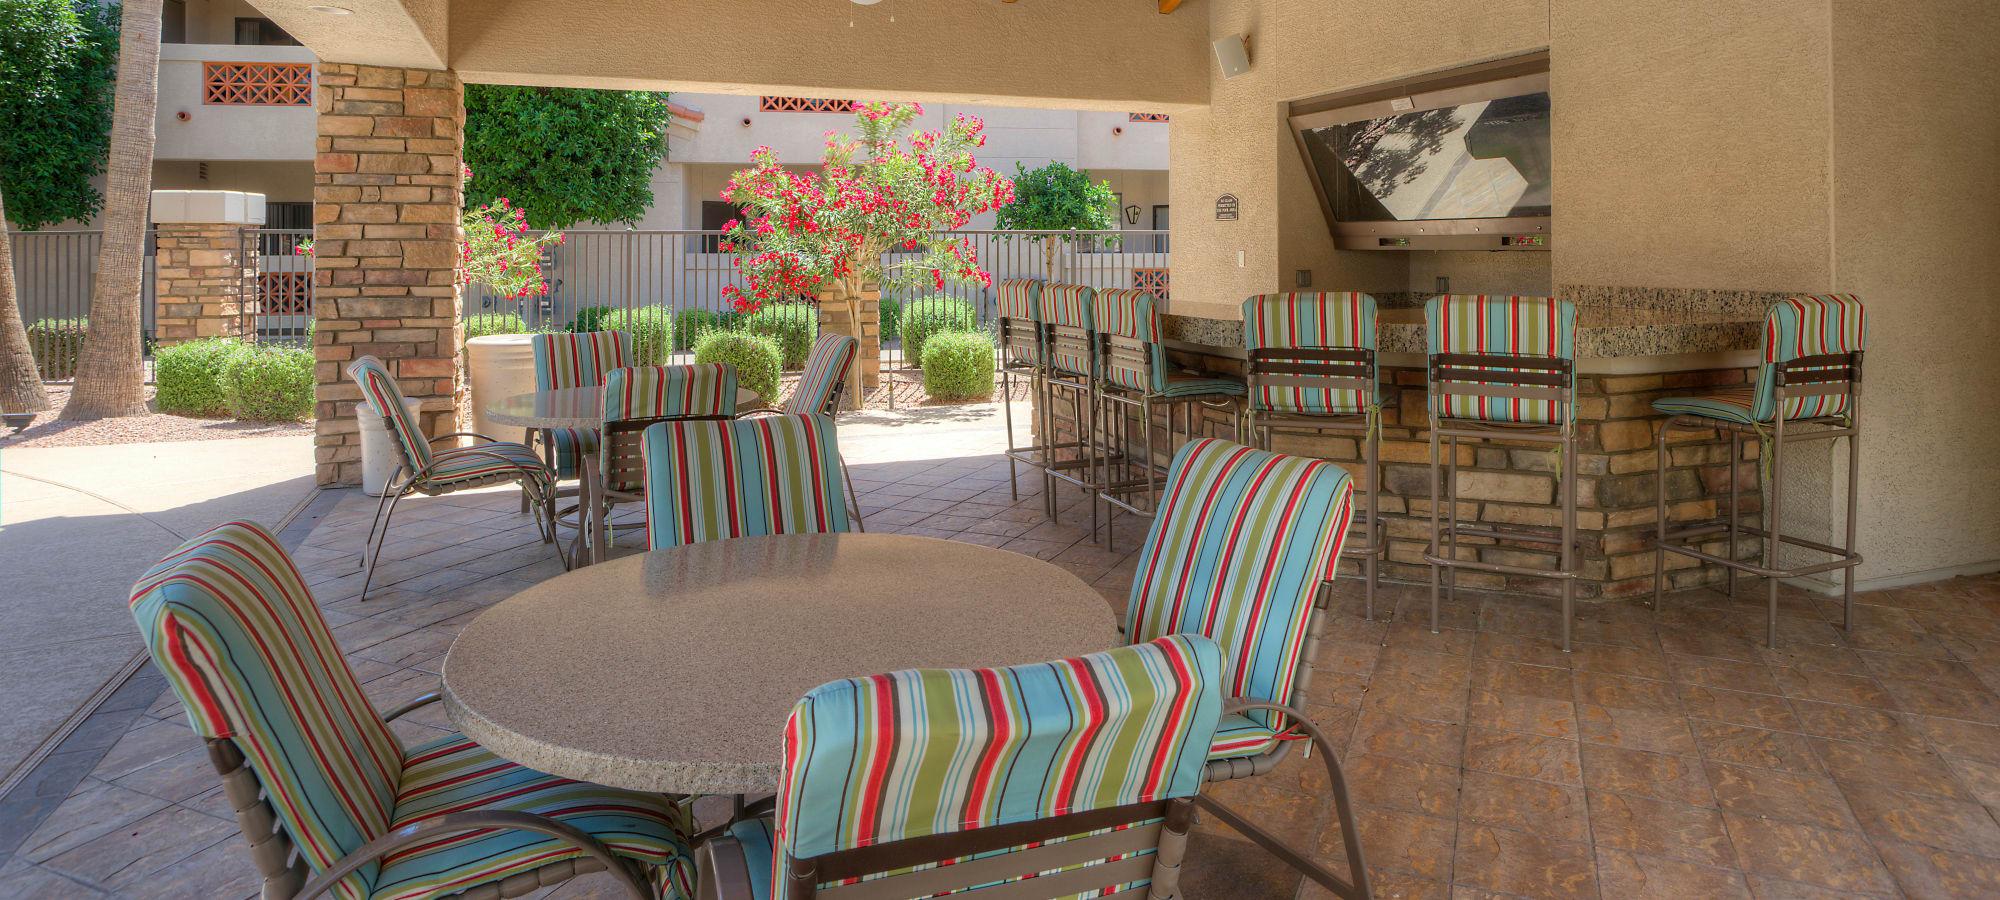 Outdoor seating at San Prado in Glendale, Arizona